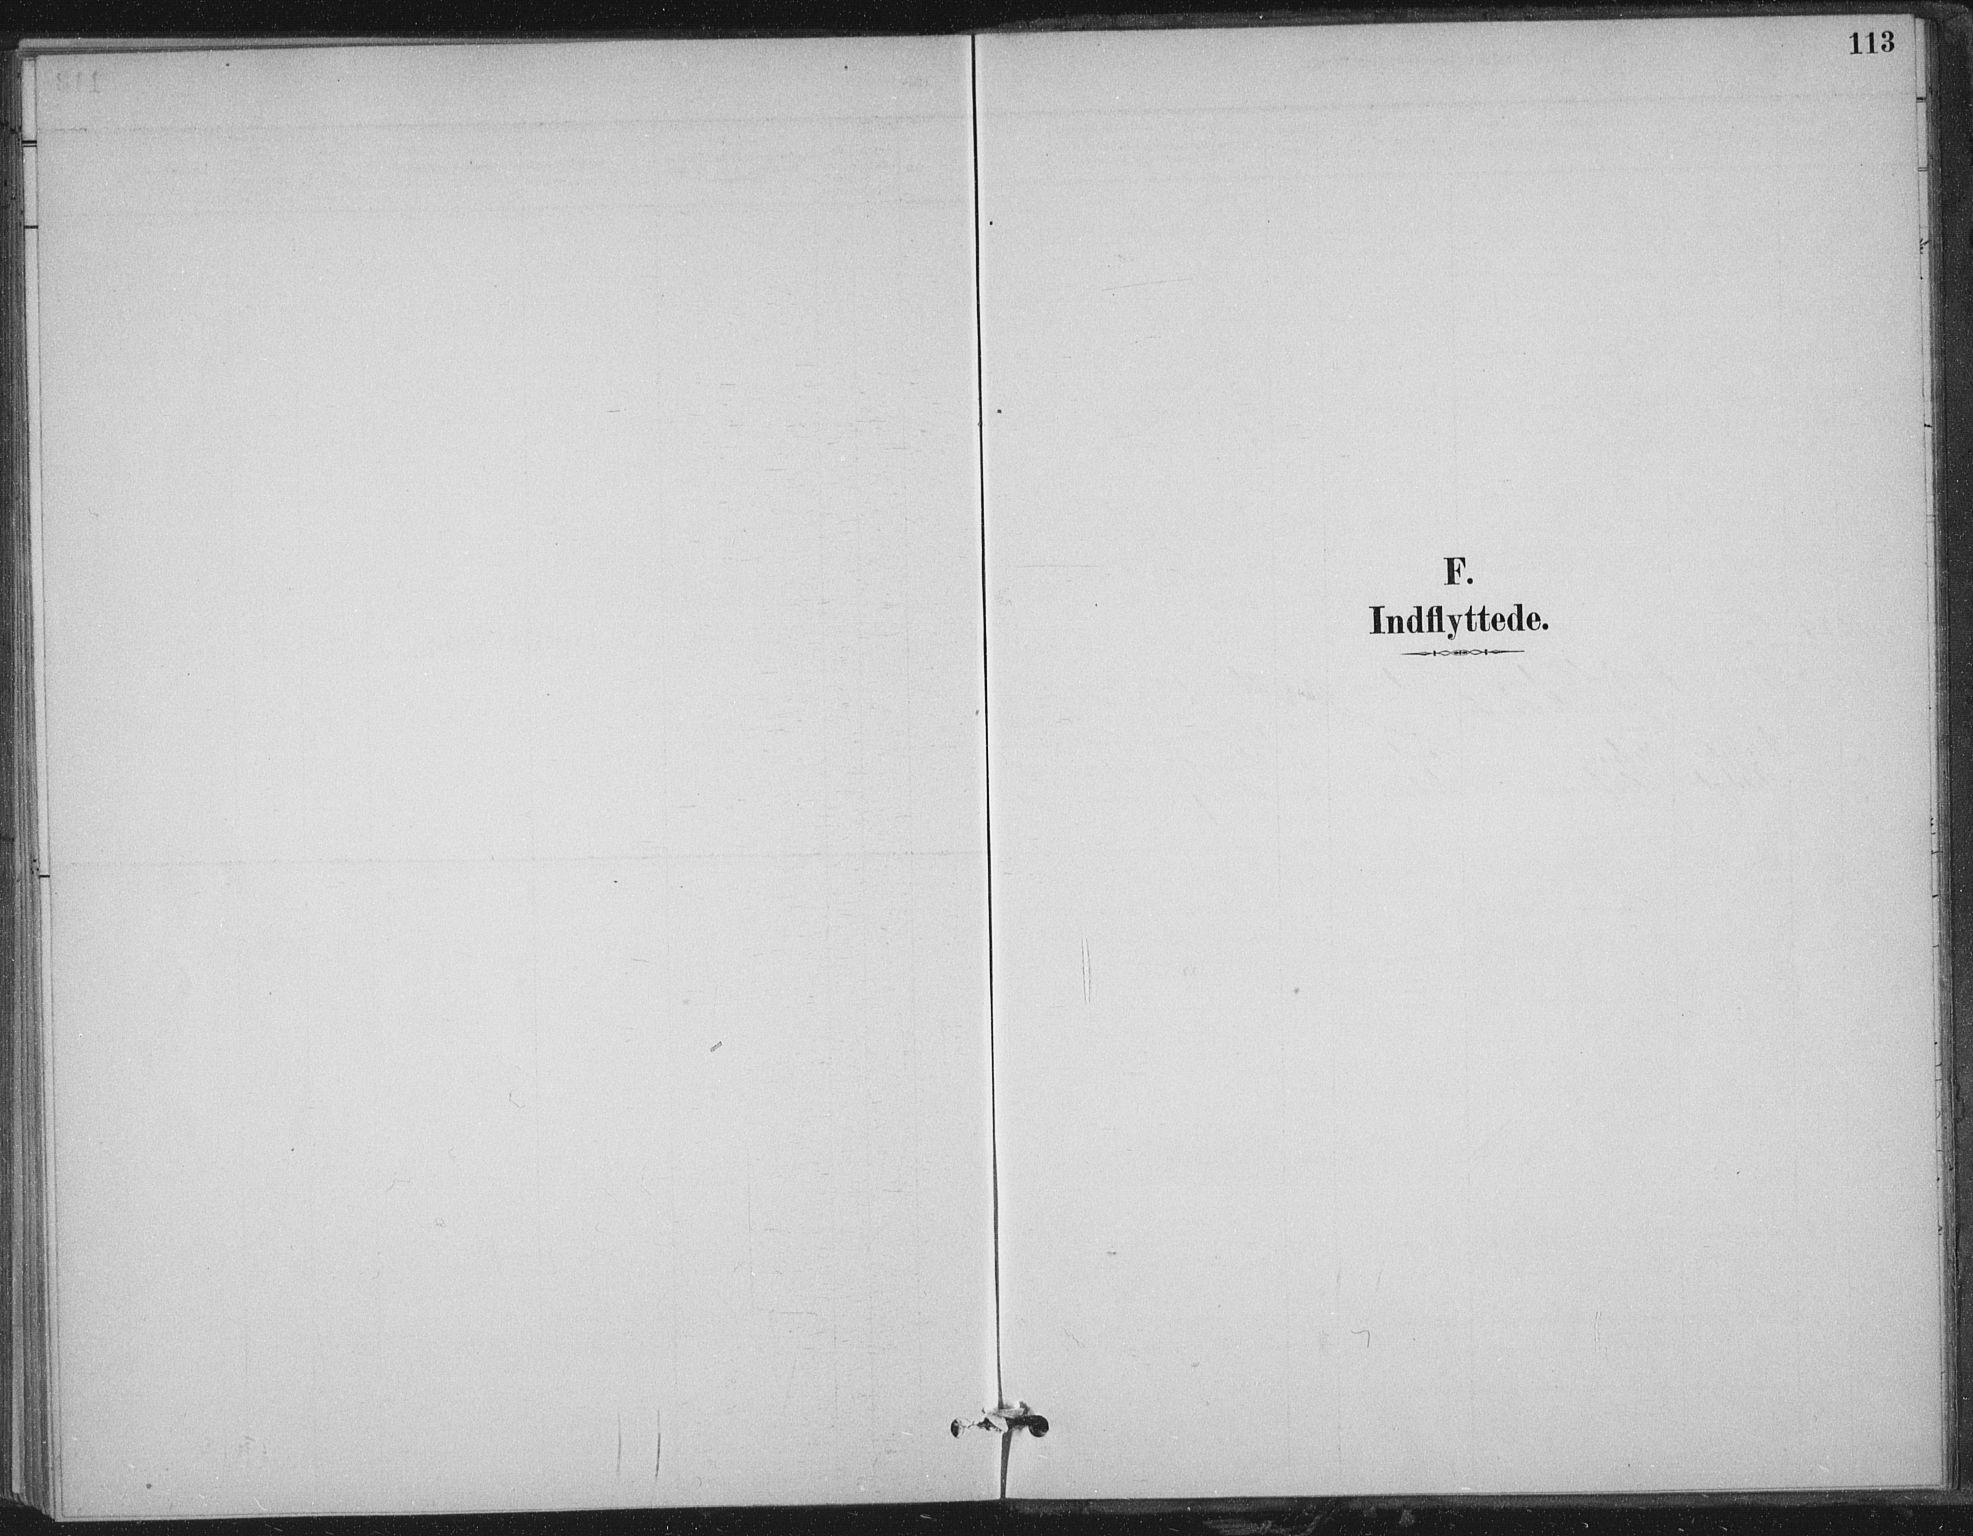 SAT, Ministerialprotokoller, klokkerbøker og fødselsregistre - Nord-Trøndelag, 702/L0023: Ministerialbok nr. 702A01, 1883-1897, s. 113